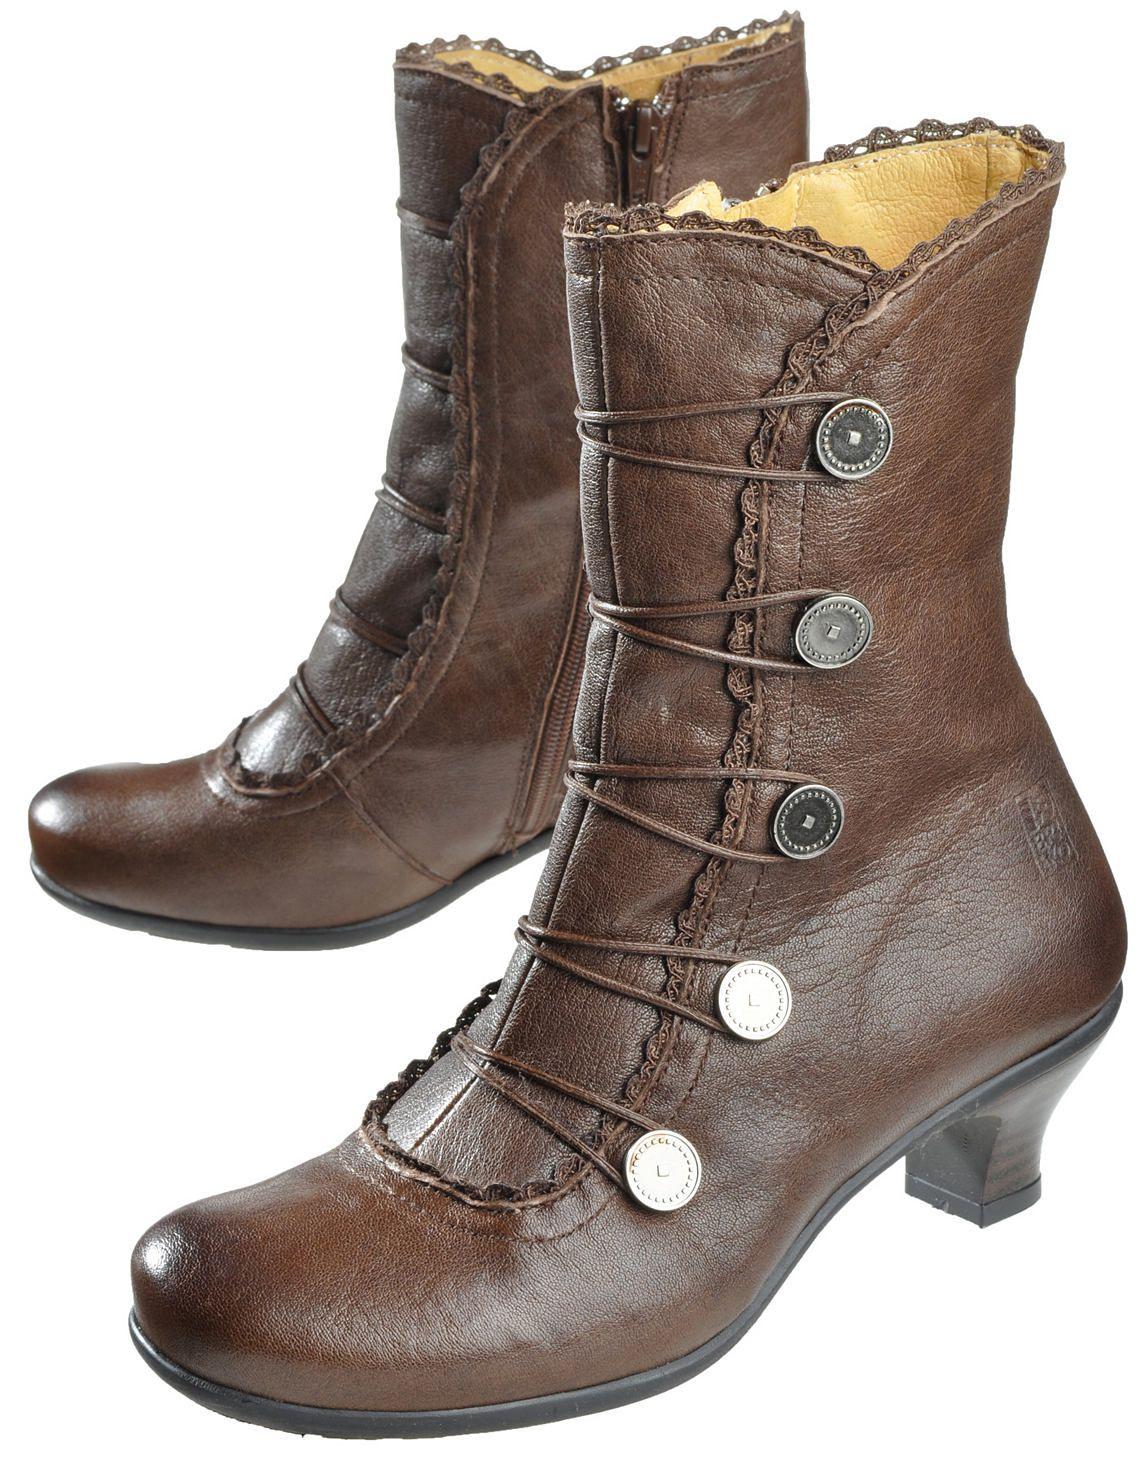 Brako 'Alba', brown Ankle Boots Deerberg | Stiefeletten